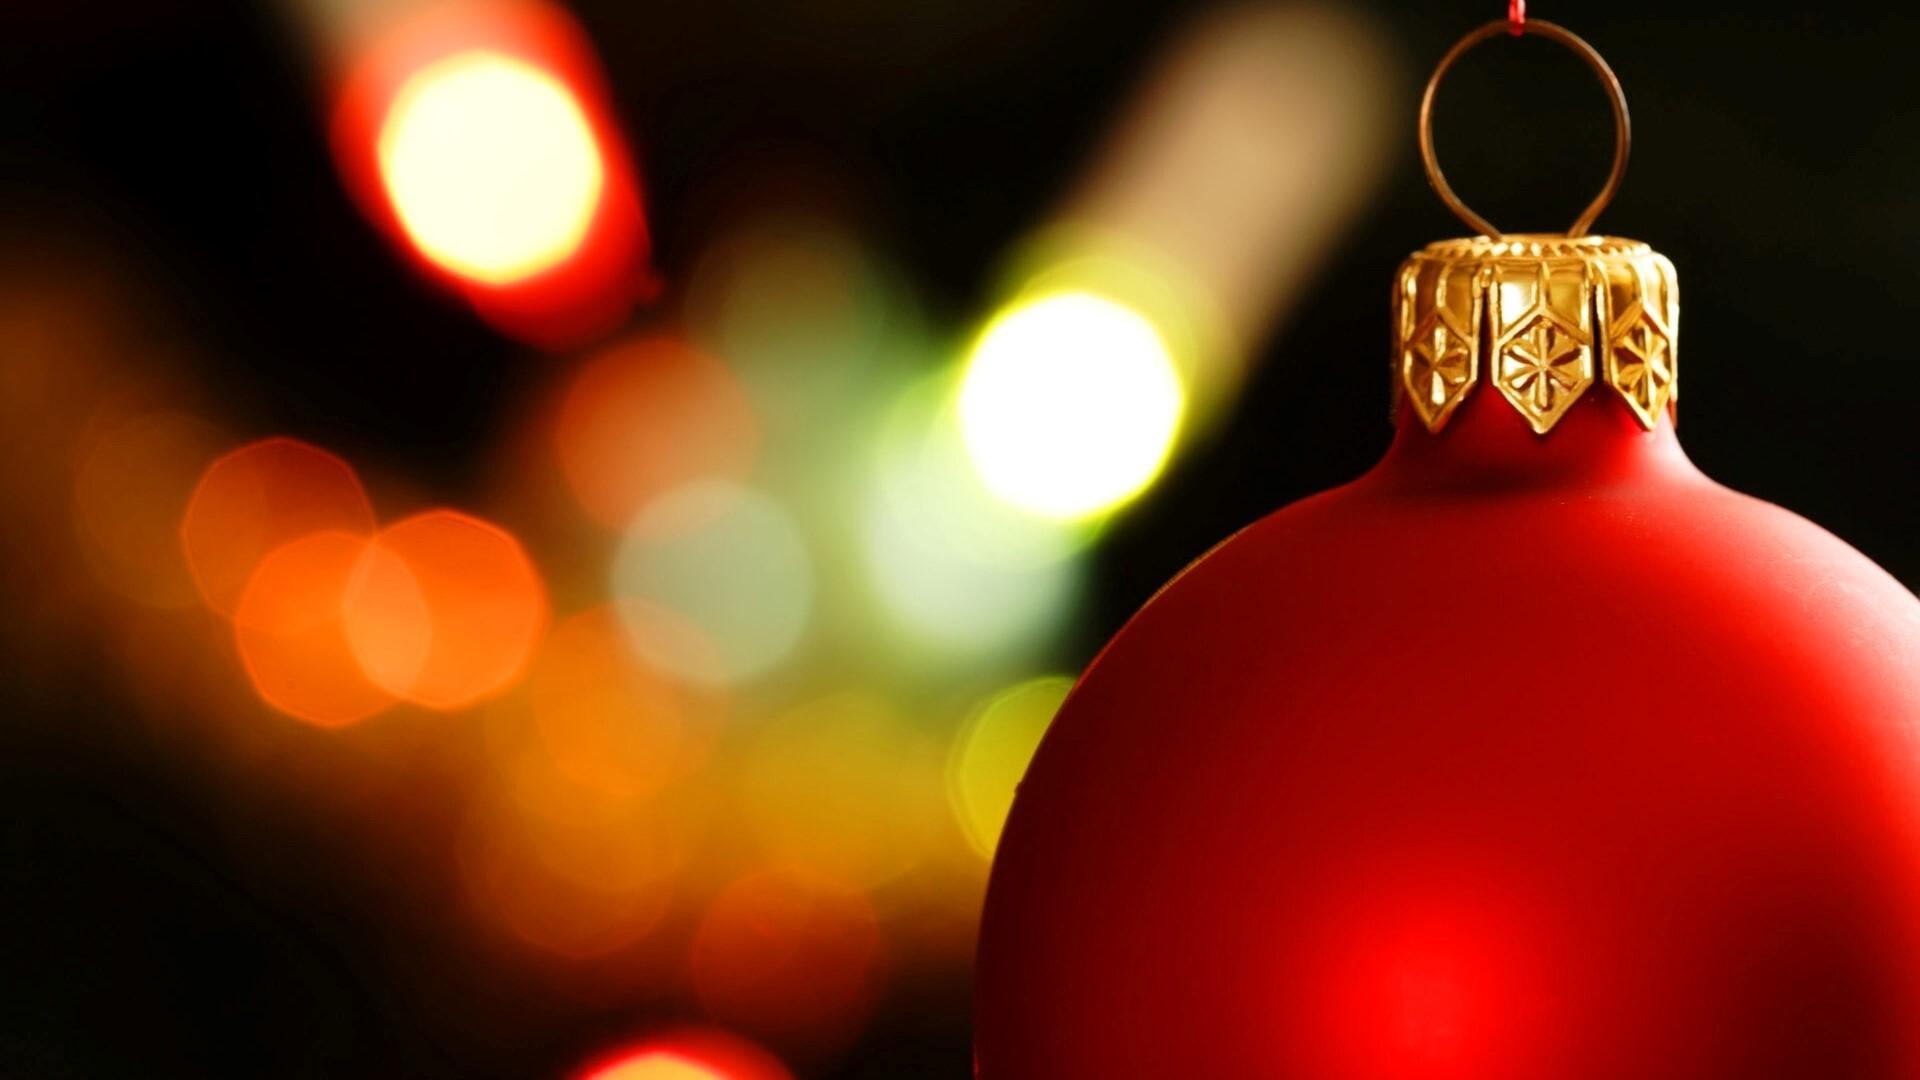 Red Christmas Balls Image